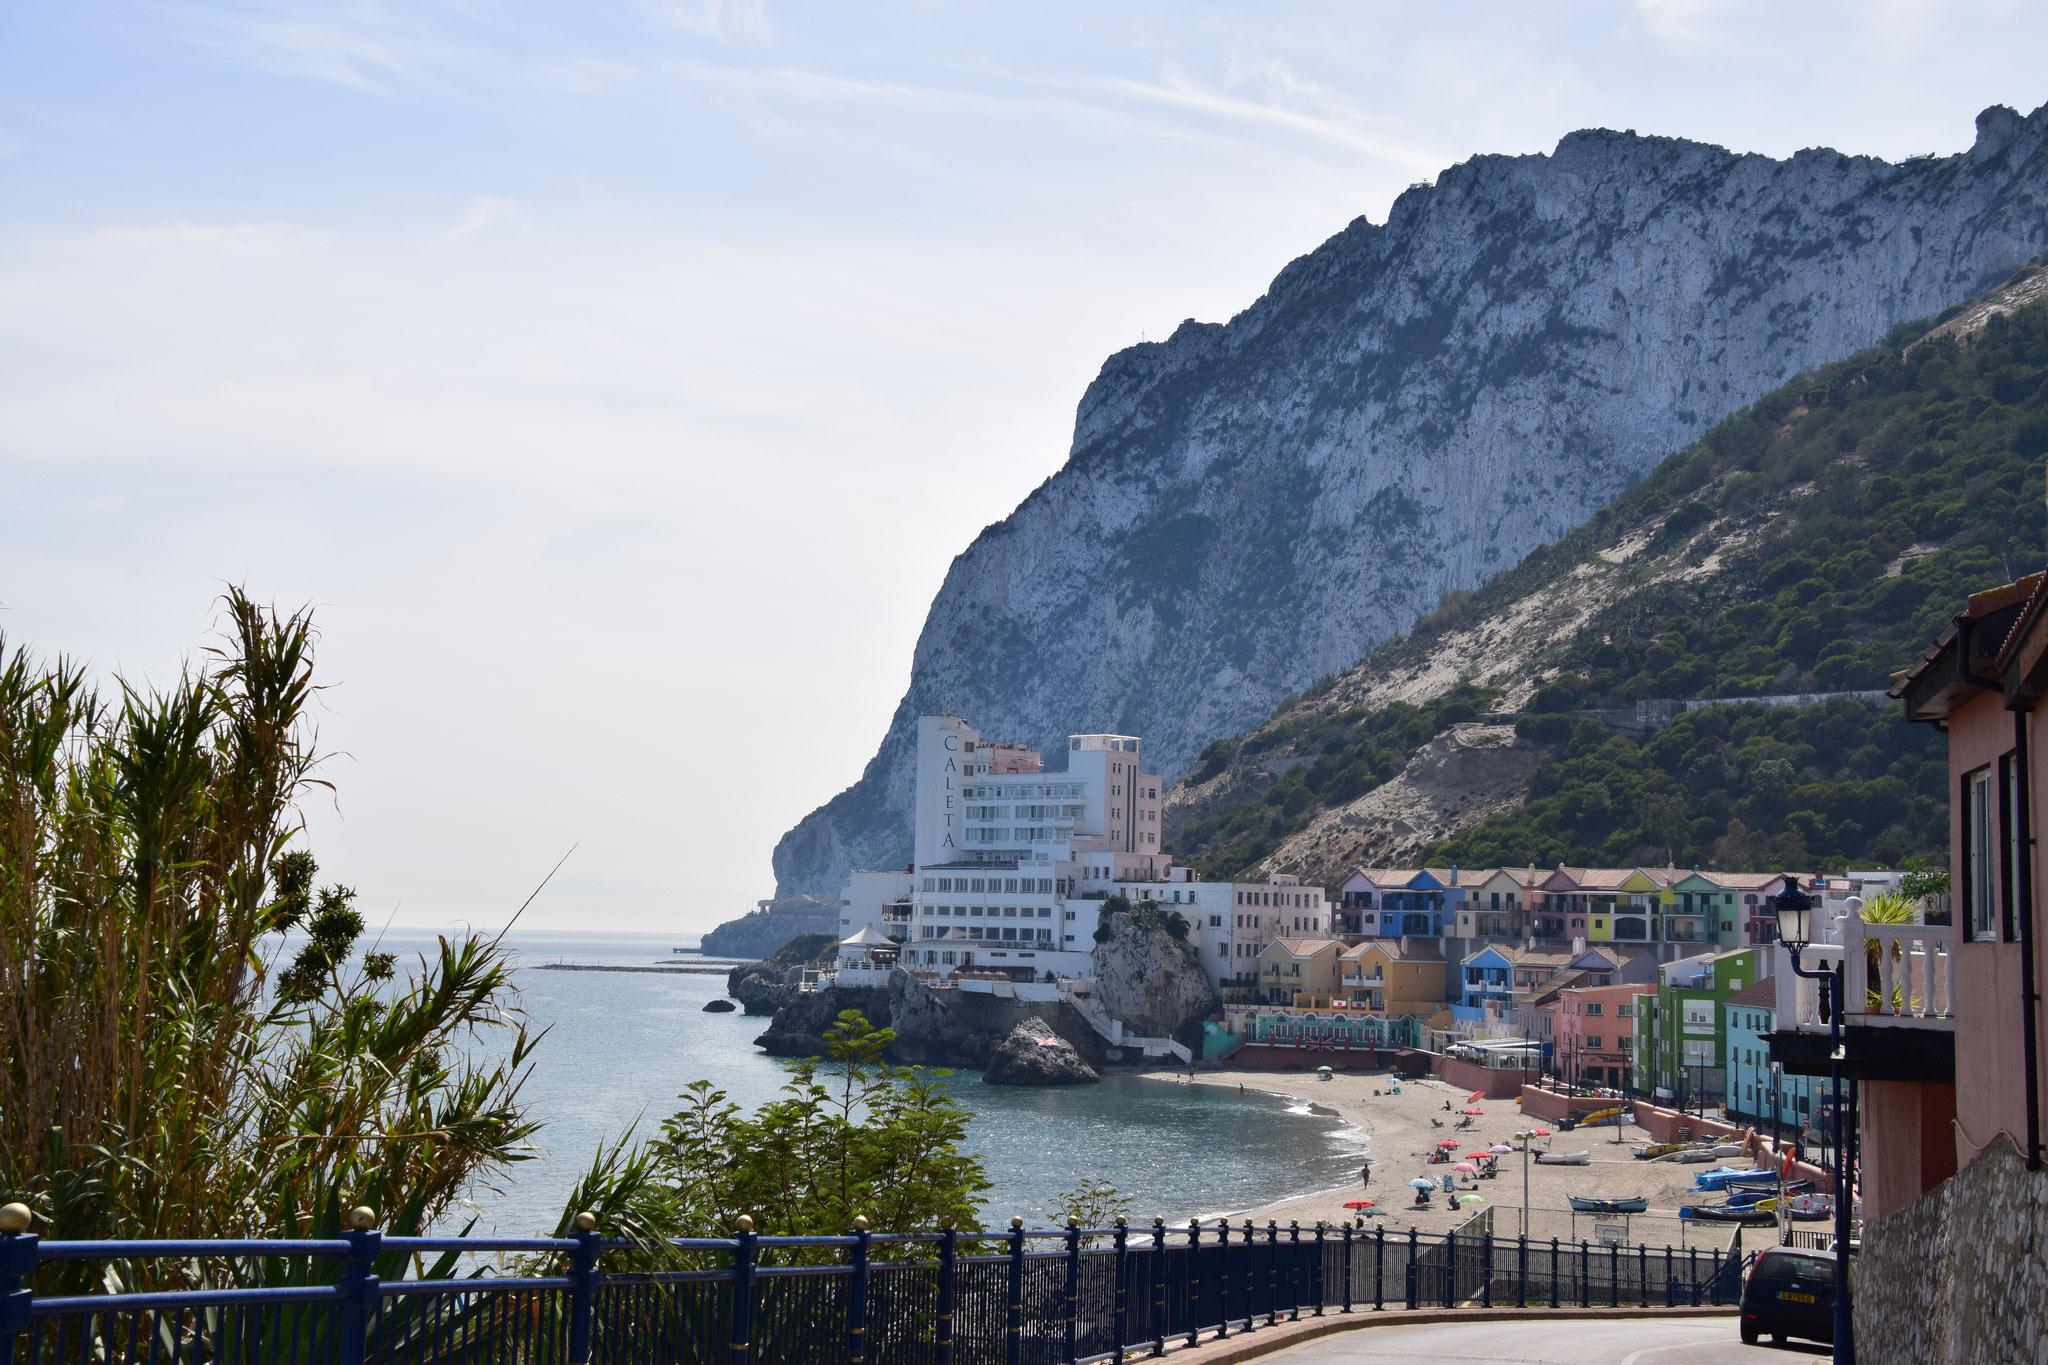 Catalan Bay auf der Ostseite des Felsens